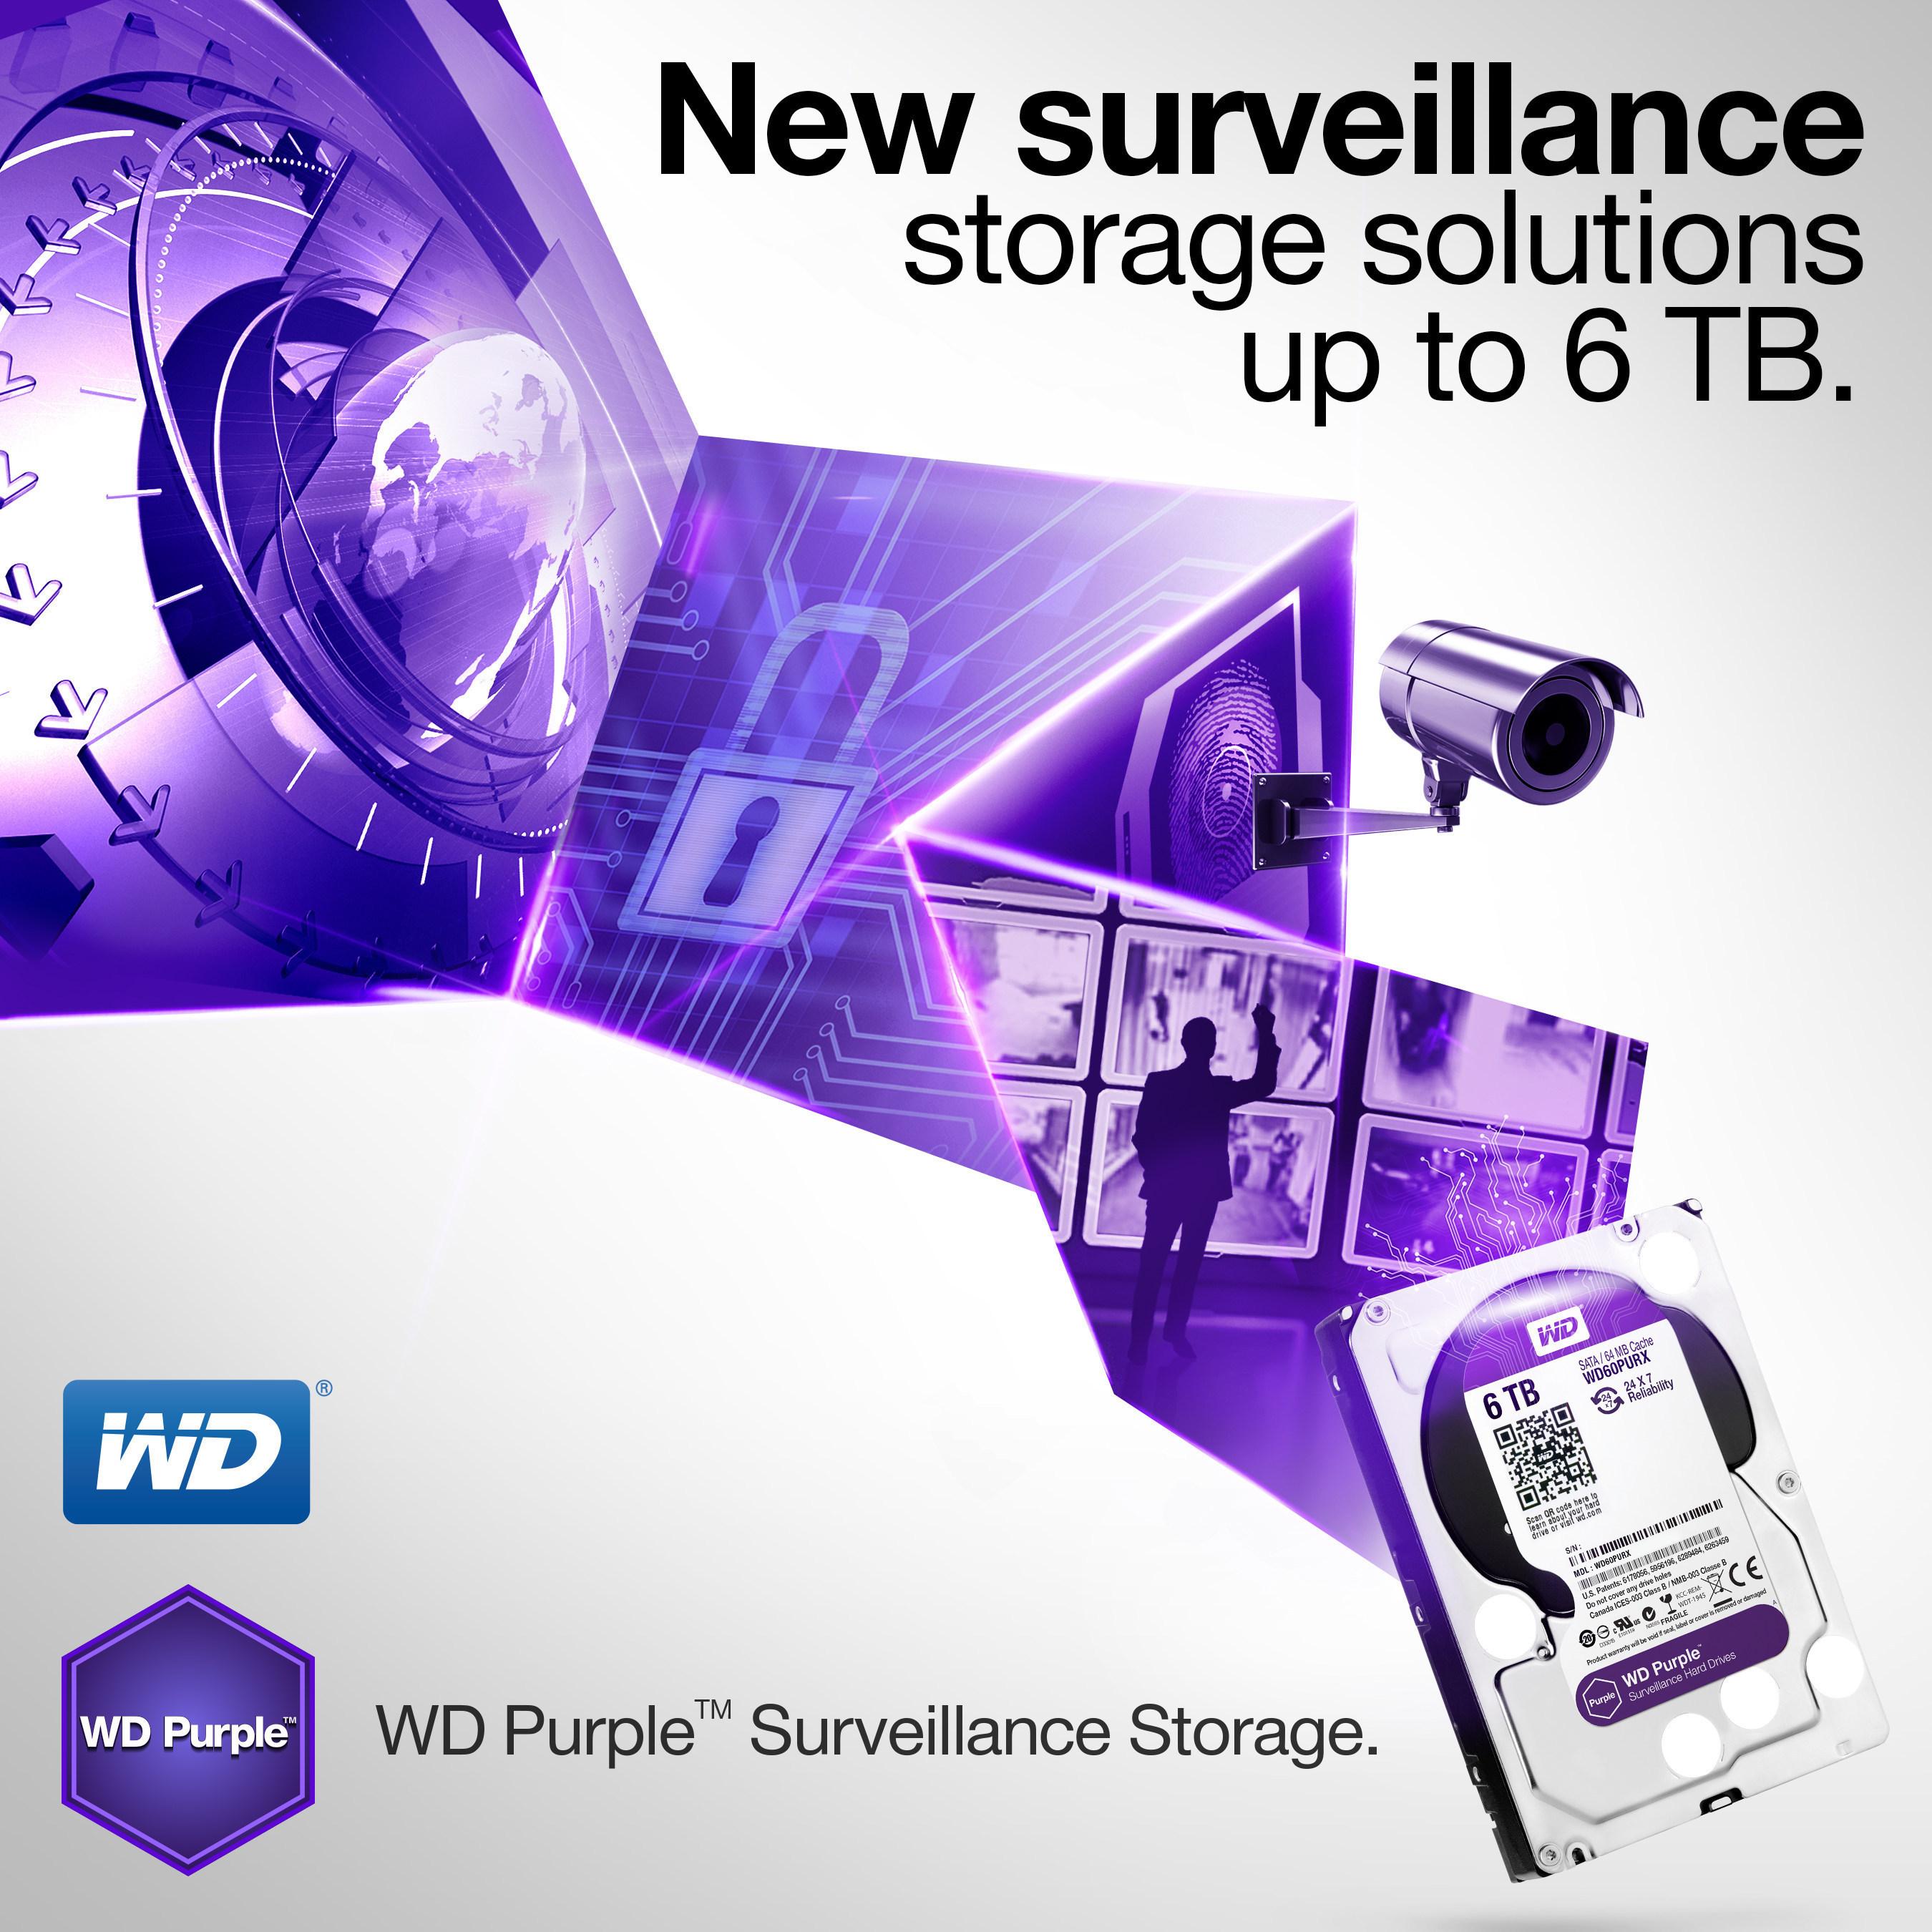 WD® Expands Surveillance-Class Hard Drive Line